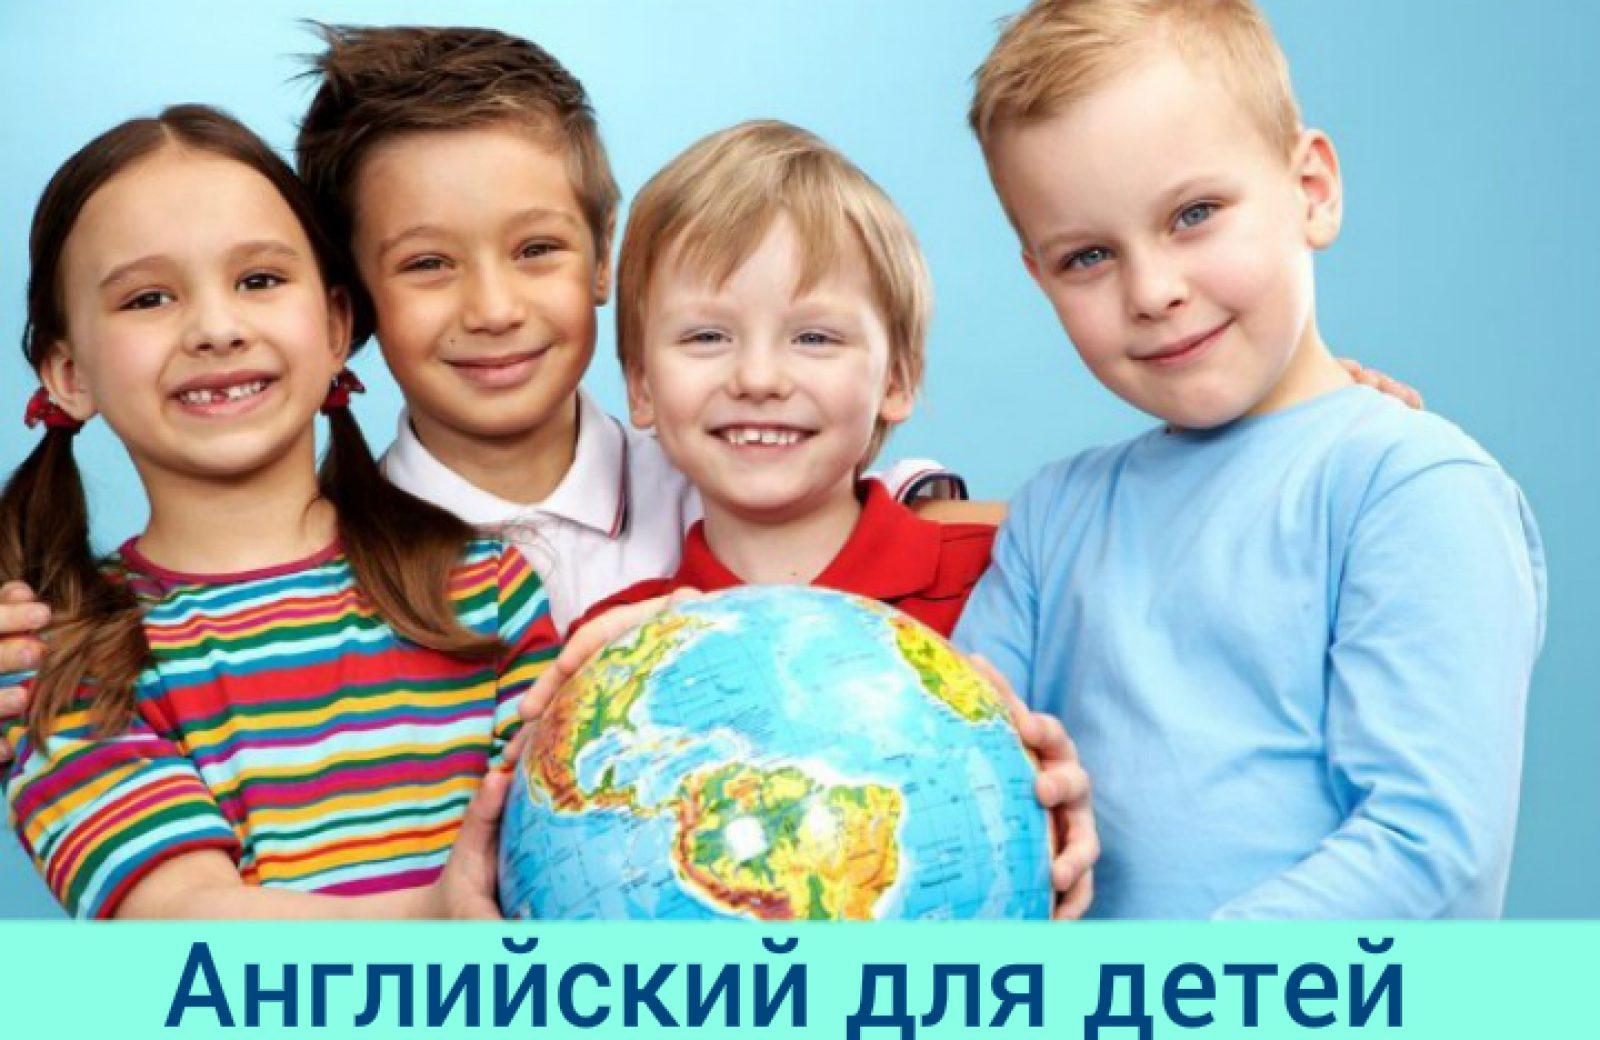 Английский для детей в Москве